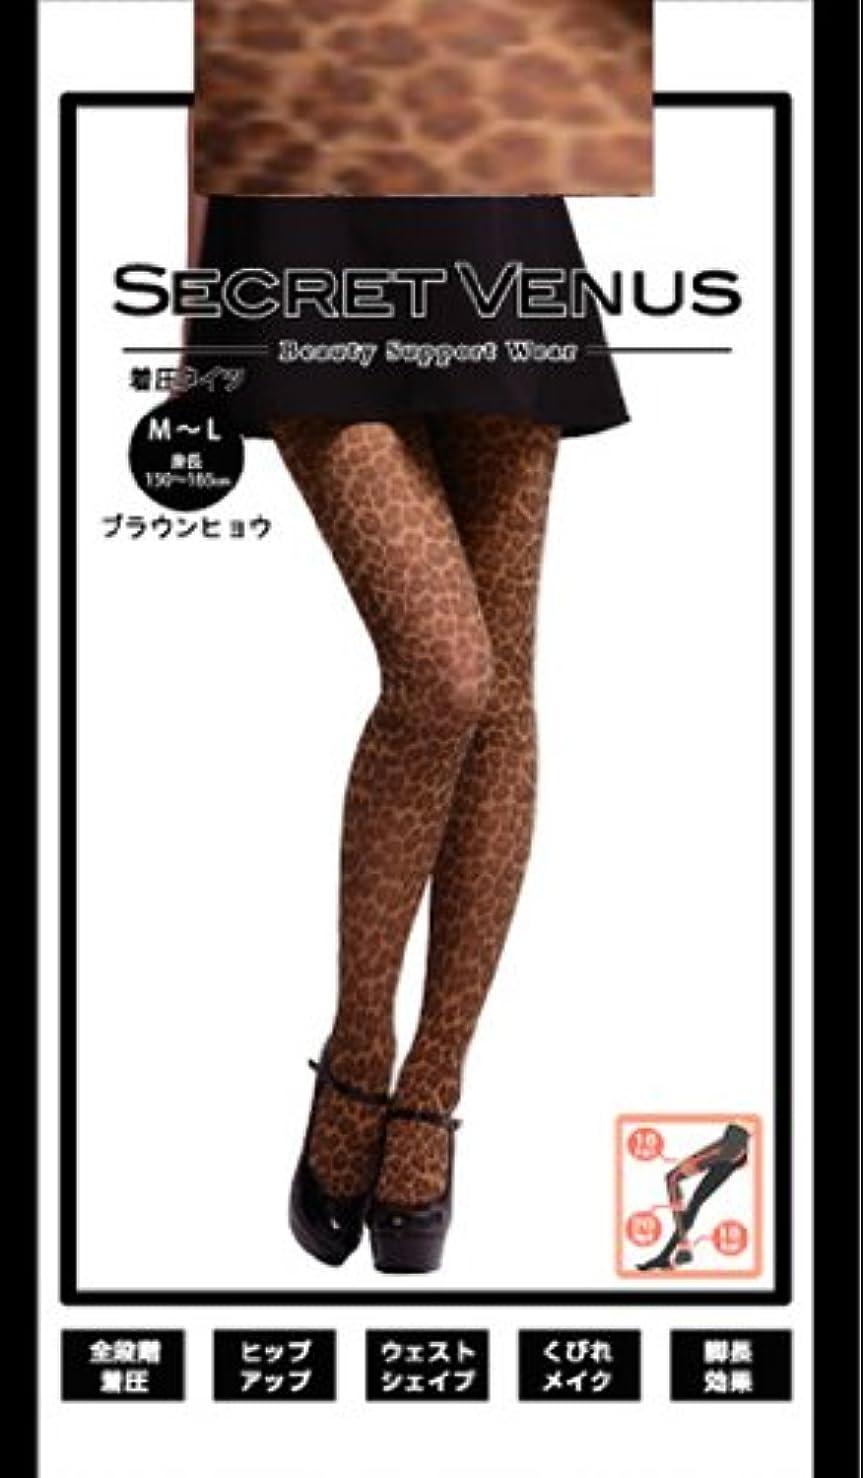 小さな頭痛勇敢なSecret Venus シークレットヴィーナス(タイツ)  ヒョウ